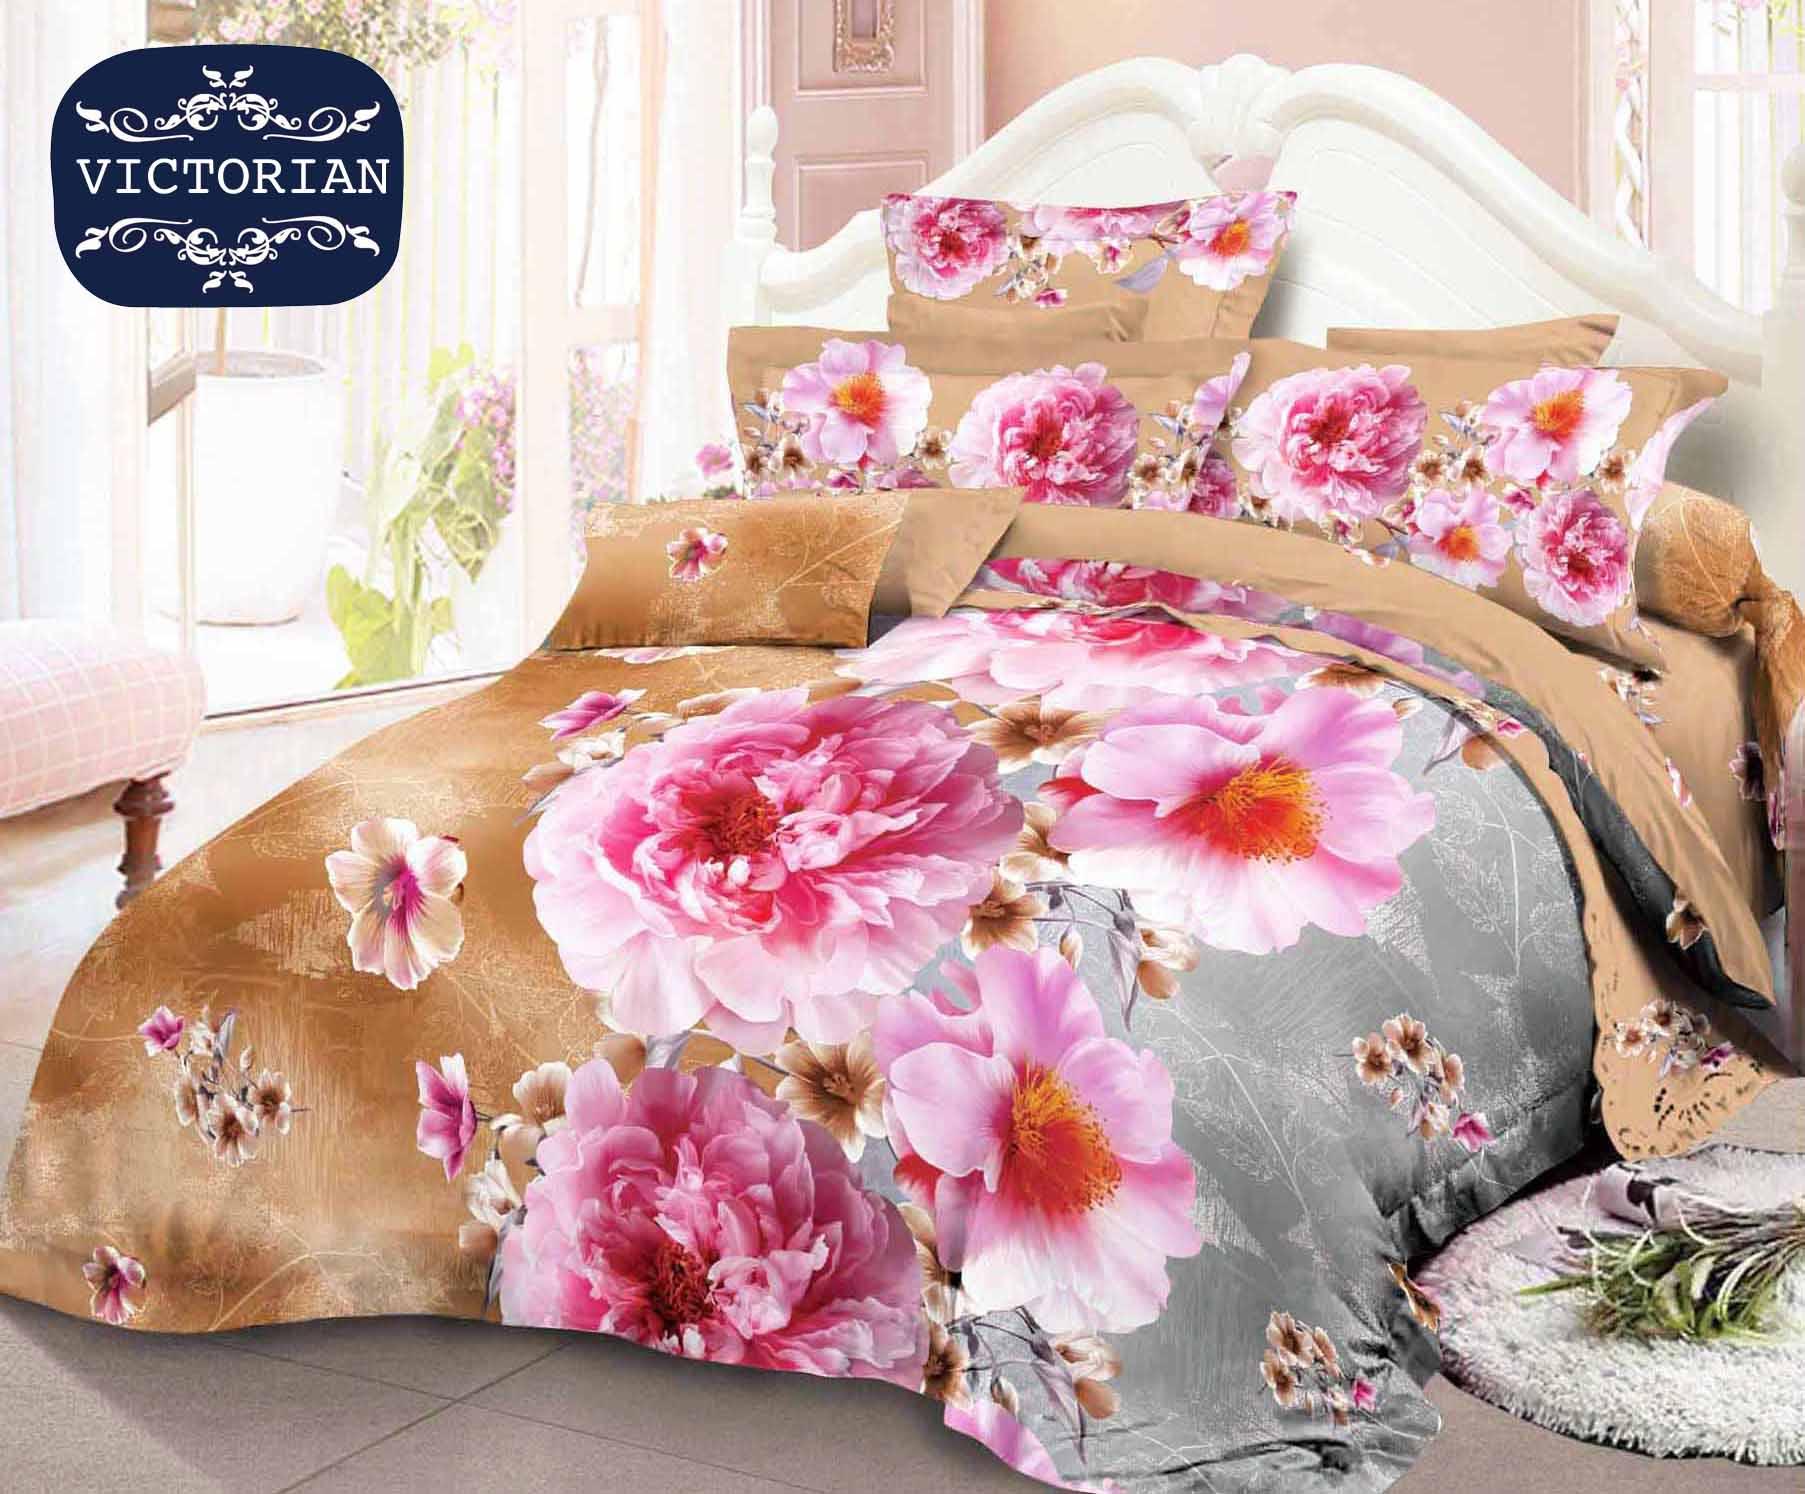 Sprei Queen Uk 160x200 Kintakun 3d Santika Deluxe Motif Nicolia Dluxe 160 X 200 B2 Siena Luxury B4 Spring Beauty Source Bed Cover Srt 180x200 Victorian